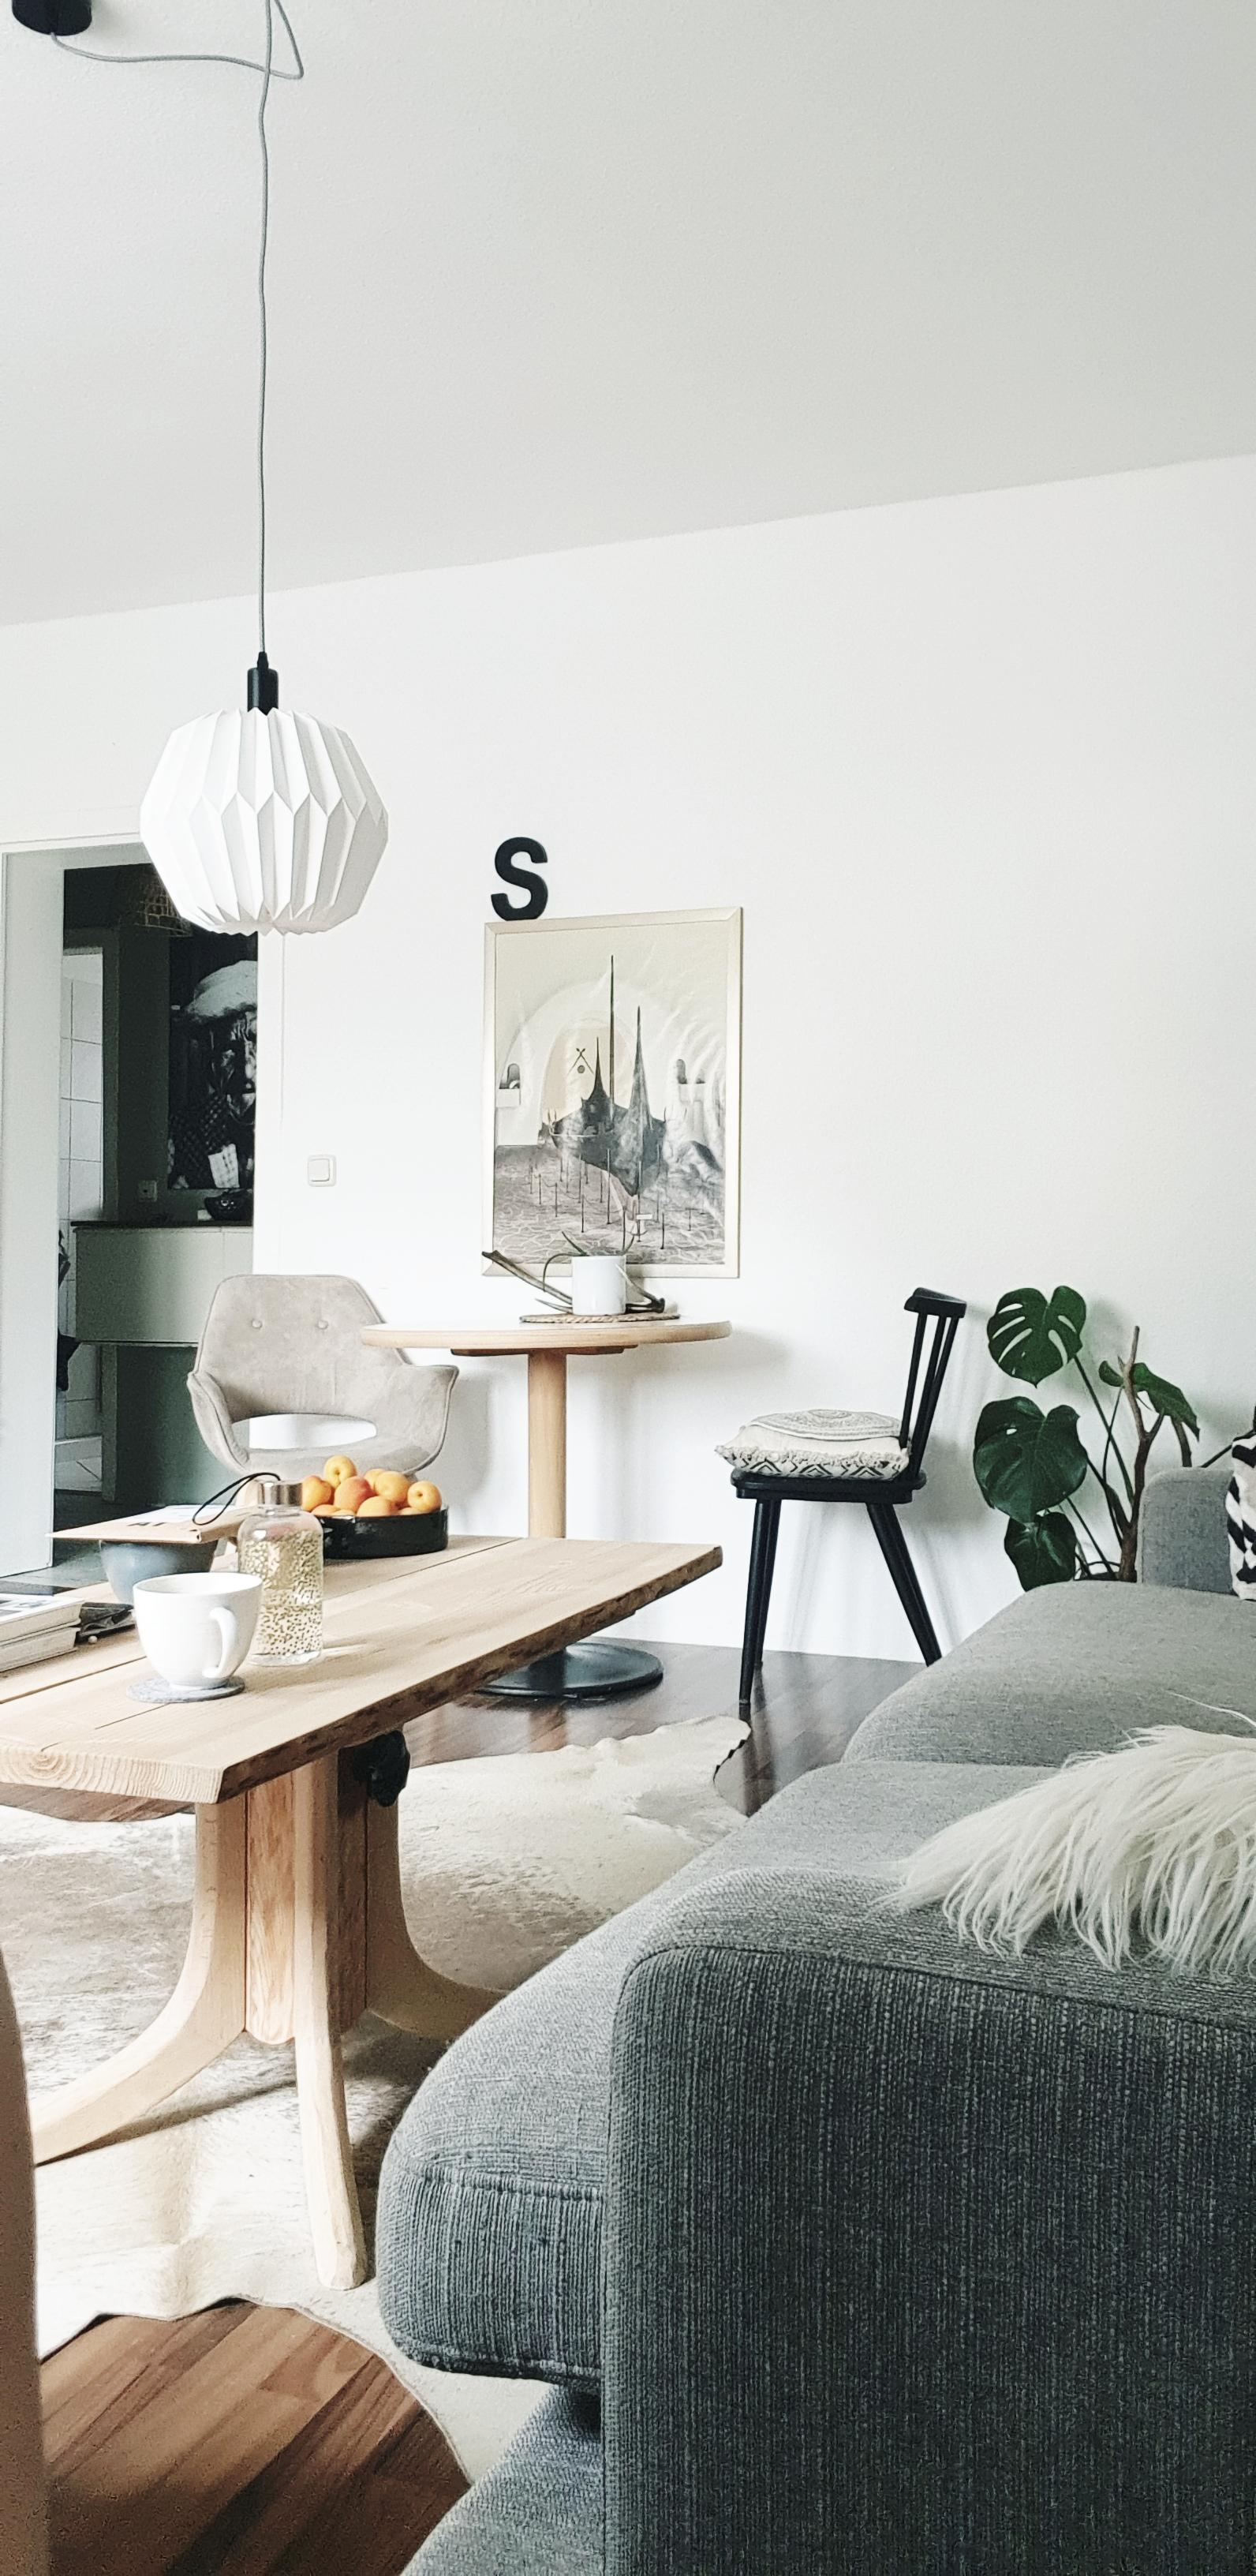 Kleiner esstisch #kleinerraum#esstisch#wohnzimmer • ...